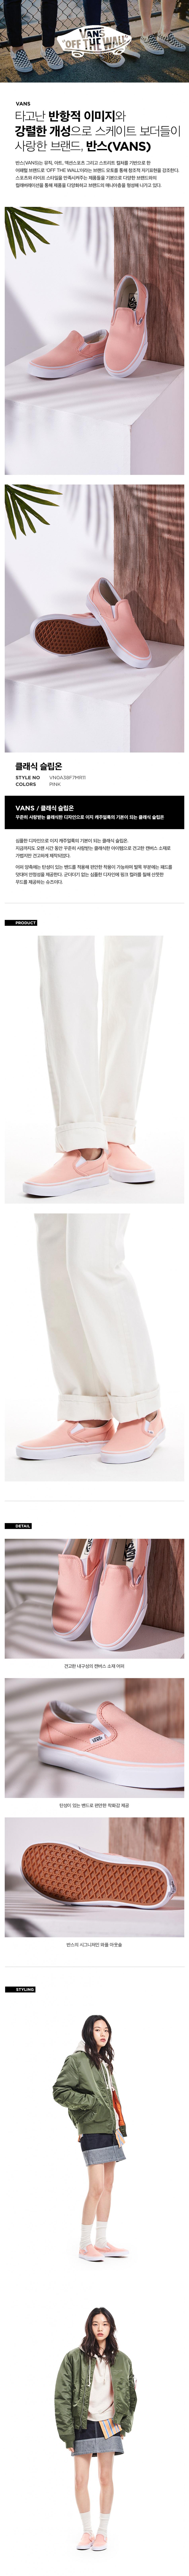 반스(VANS) VN0A38F7MR11 / 클래식 슬립온 - tropical peach/true white